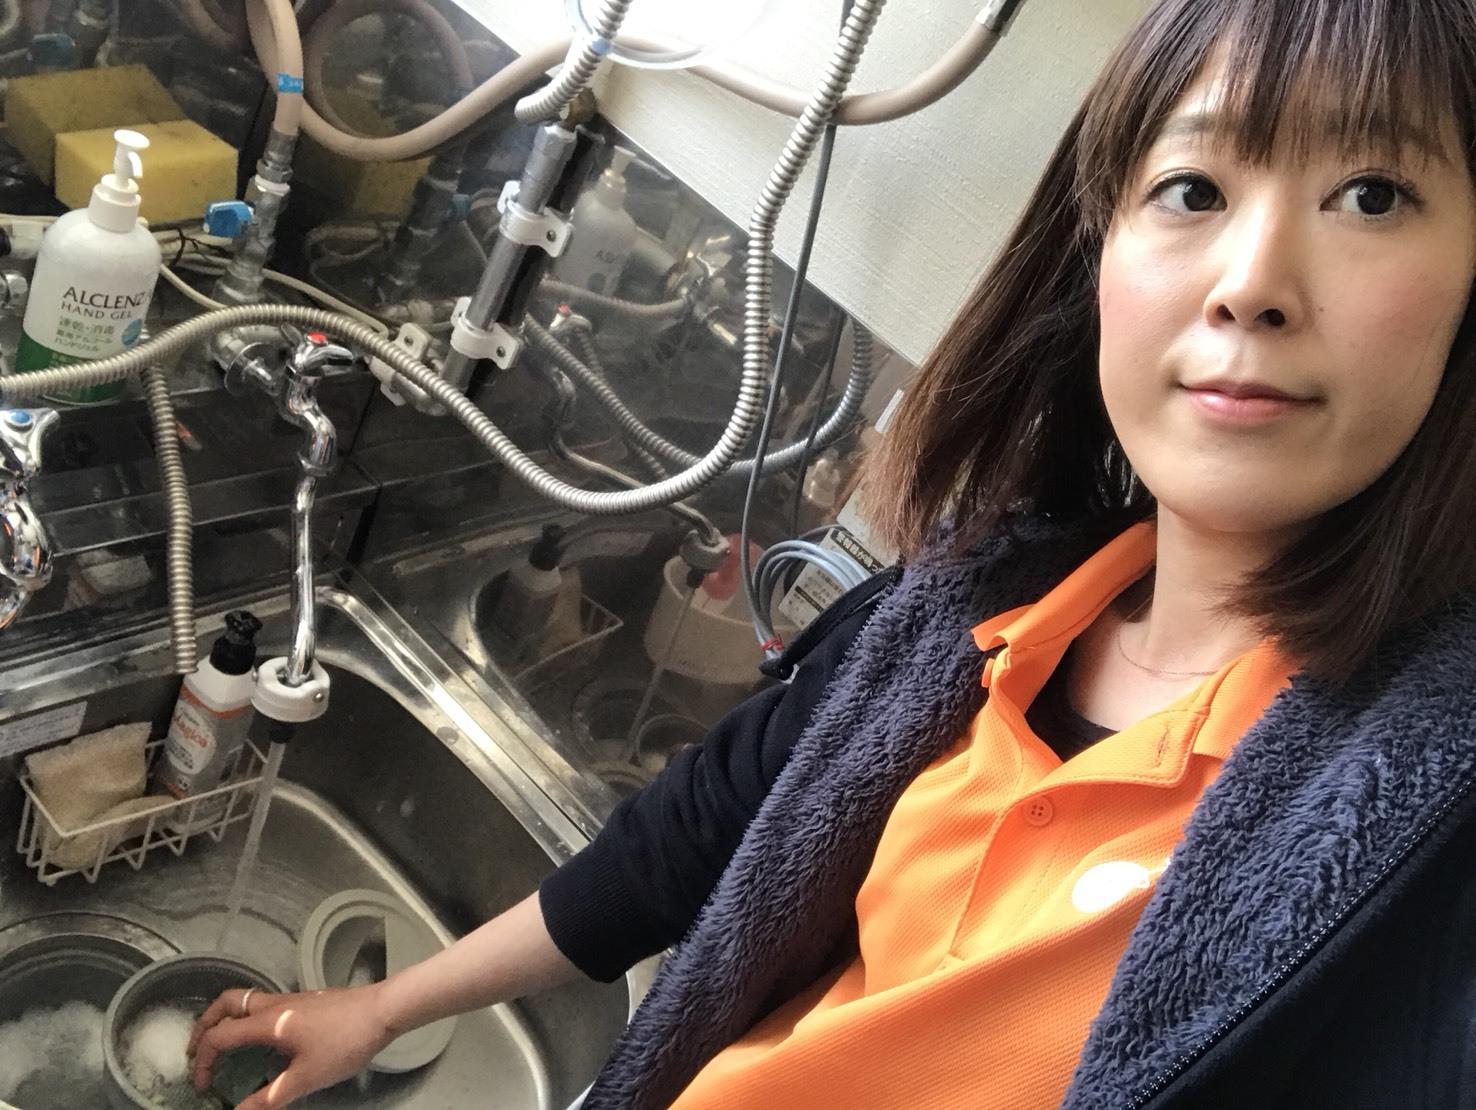 4月18日(水)トミーベース カスタムブログ☆K様インフィニティーQX56納車☆_b0127002_10284806.jpg